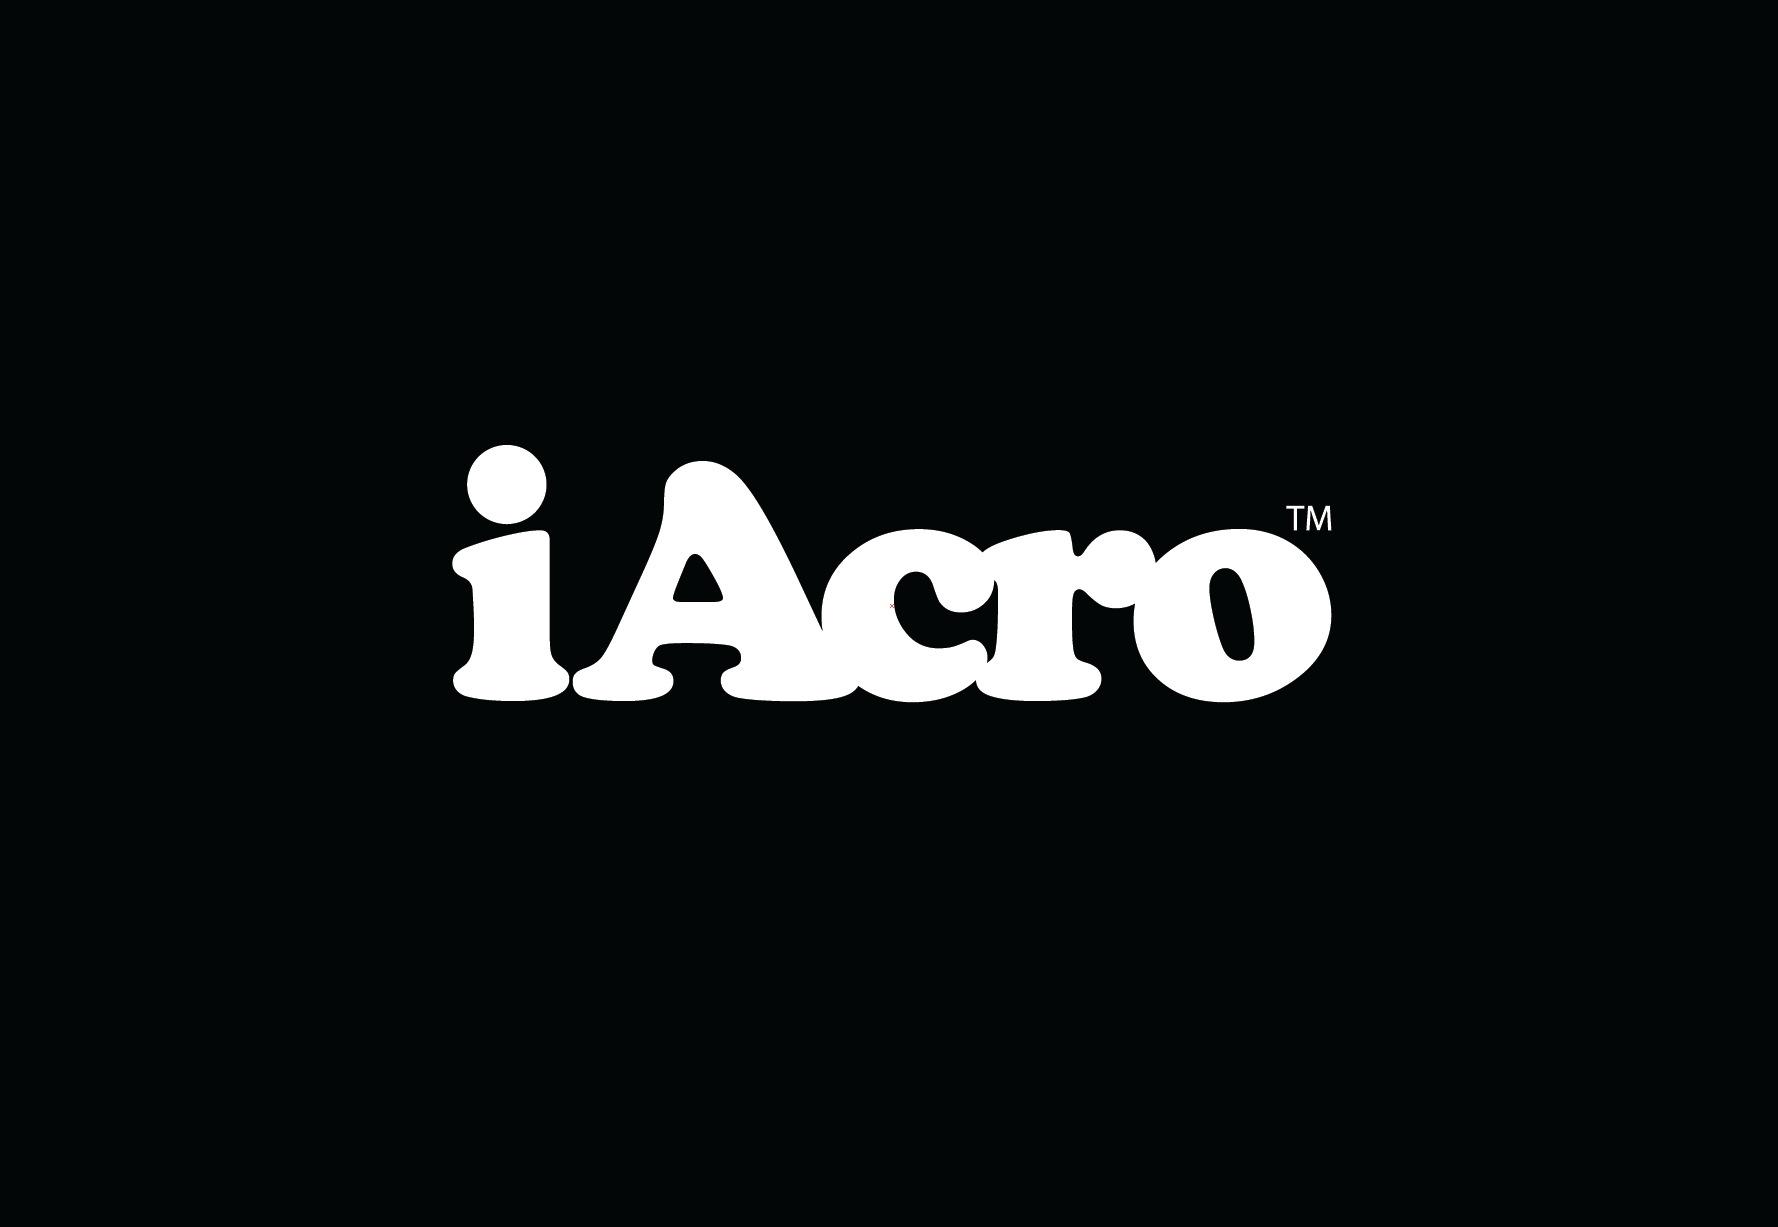 iAcro